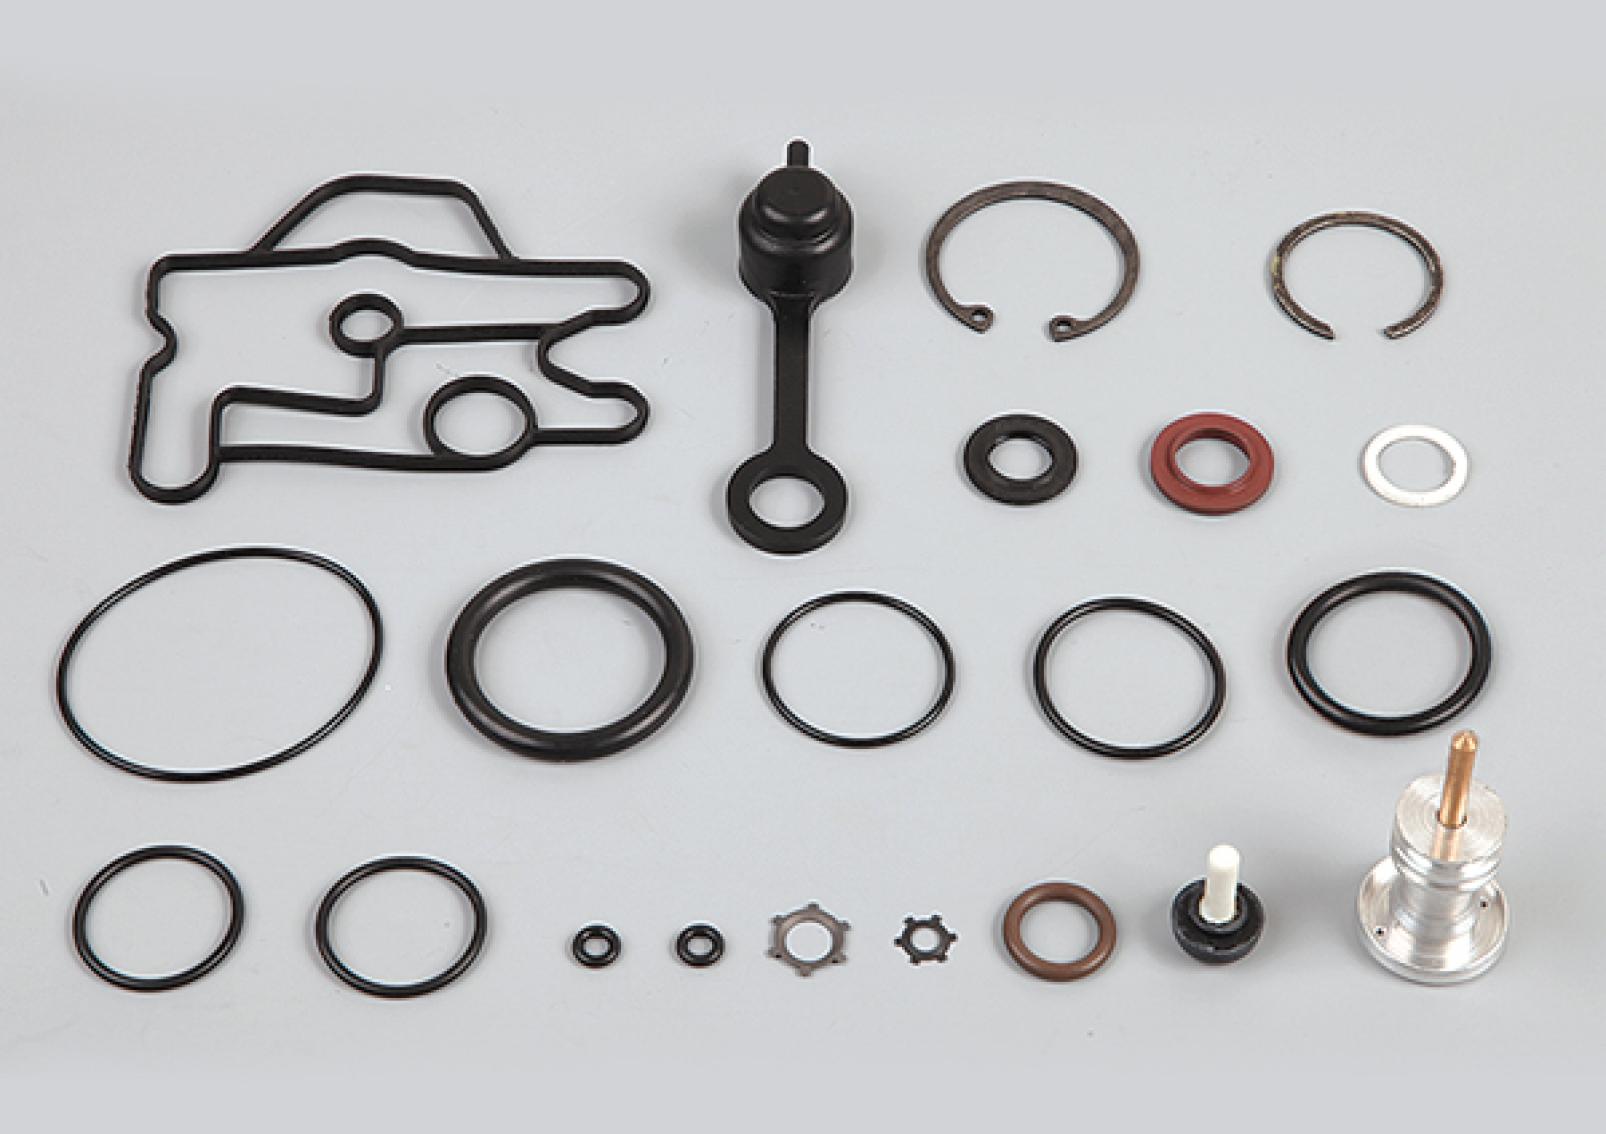 Air Dryer Valve Repair Kit, II36251